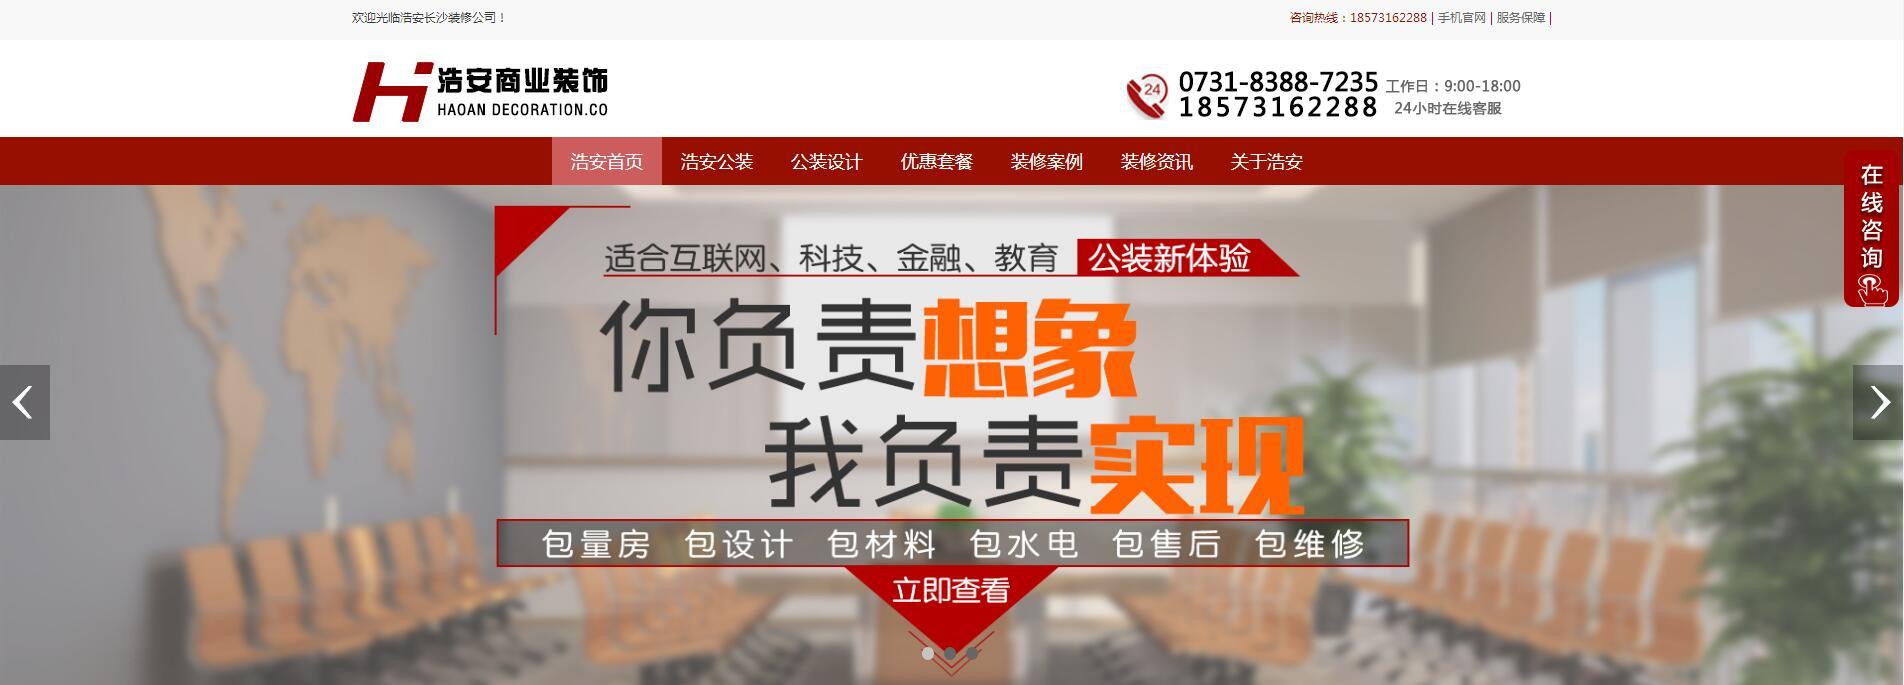 湖南浩安公装公司公装报道资讯知识什么是正规专业的公装装修公司?